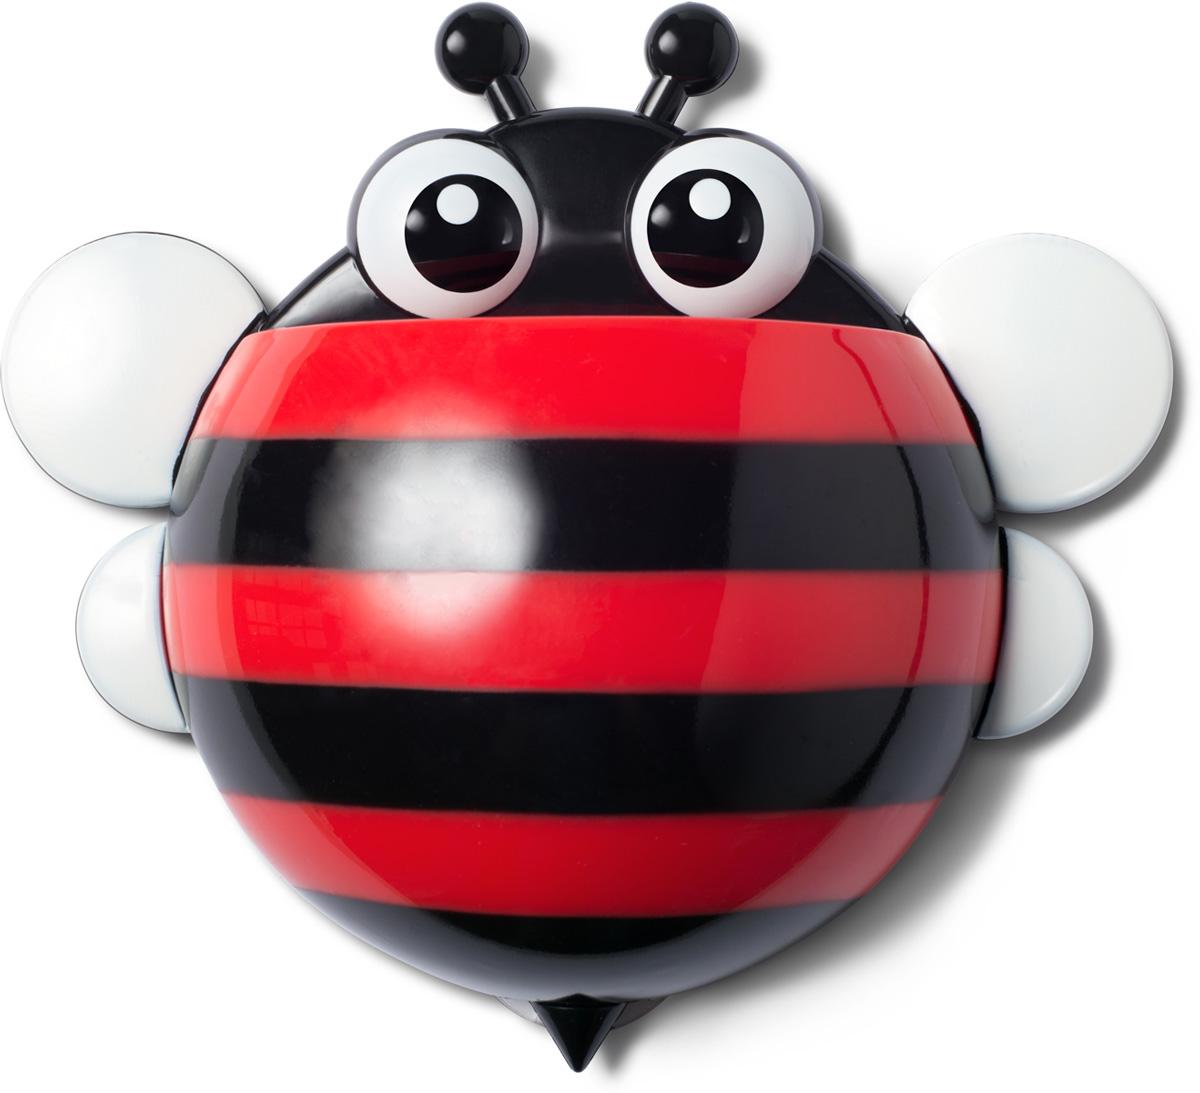 """Держатель для зубных щеток Ruges """"Пчелка"""" на стену или мебель на присосках - проще простого. Надоест - сняли безо всякого ущерба.  А пока не надоел - очень славная дружественная мелочь поживет у вас в ванной.  Дети будут в восторге, так как держатель """"Пчелка"""" легко прикрепить на удобном для ребенка уровне - сам будет брать свои щетку и пасту.   И не только дети обрадуются. Взрослый, у которого очень стильная ванная, но ему скучно по утрам чистить зубы в одиночестве, тоже будет рад.  Не признается, но рад будет!  В комплекте: 1 держатель, 3 присоски для крепления."""